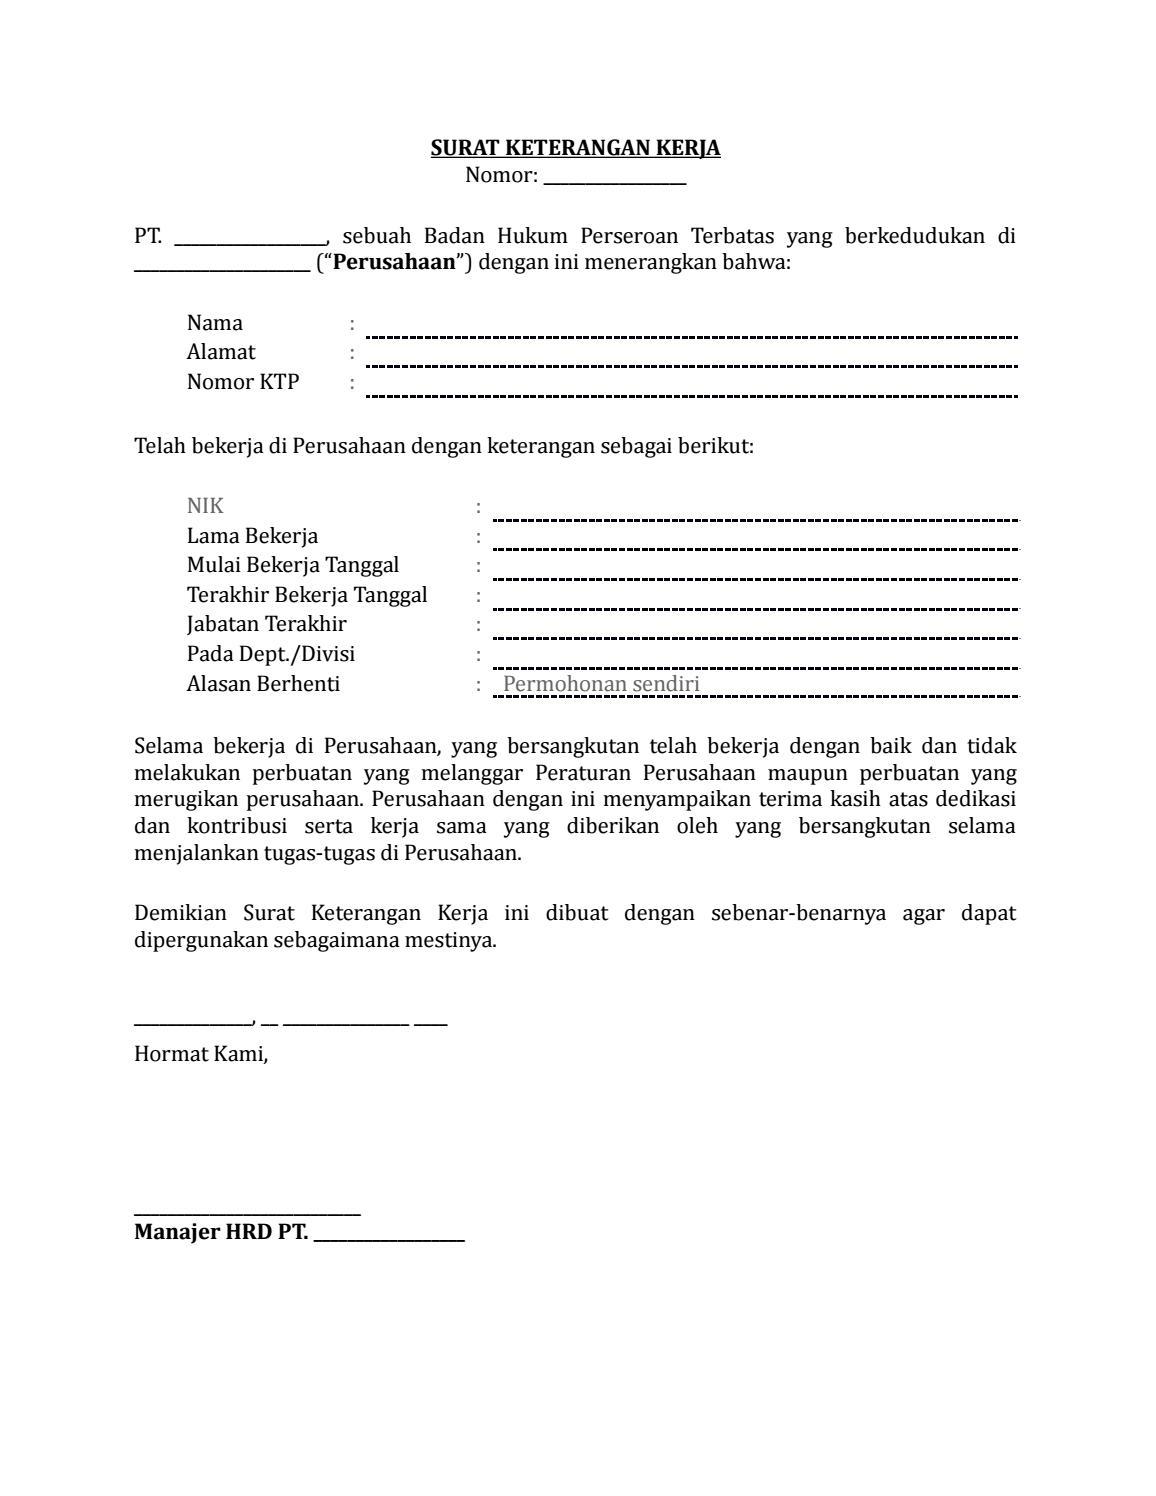 22 Draf Surat Keterangan Kerja Karyawan By Arif Edison